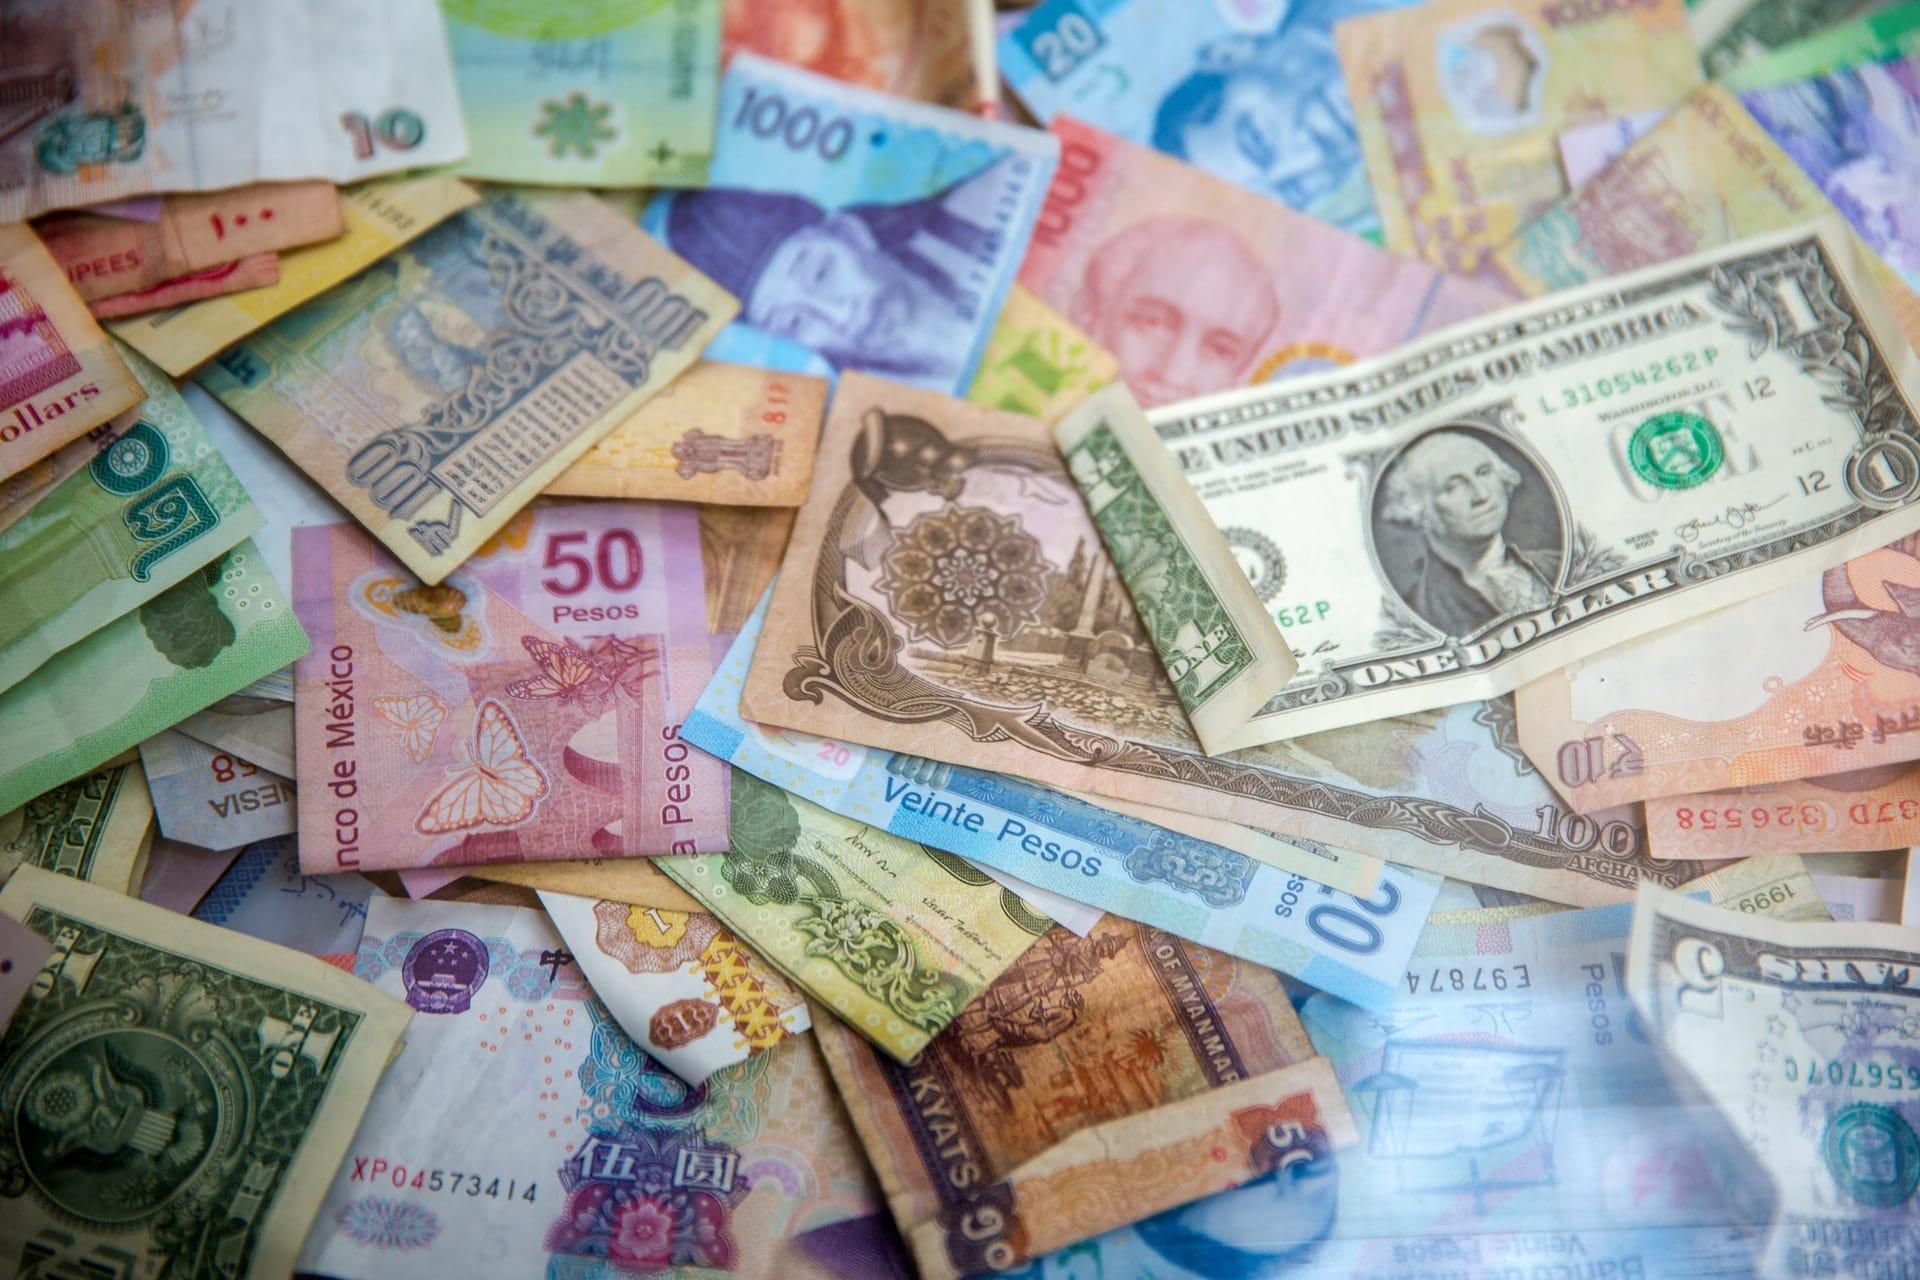 geld im schlaf verdienen bild 2